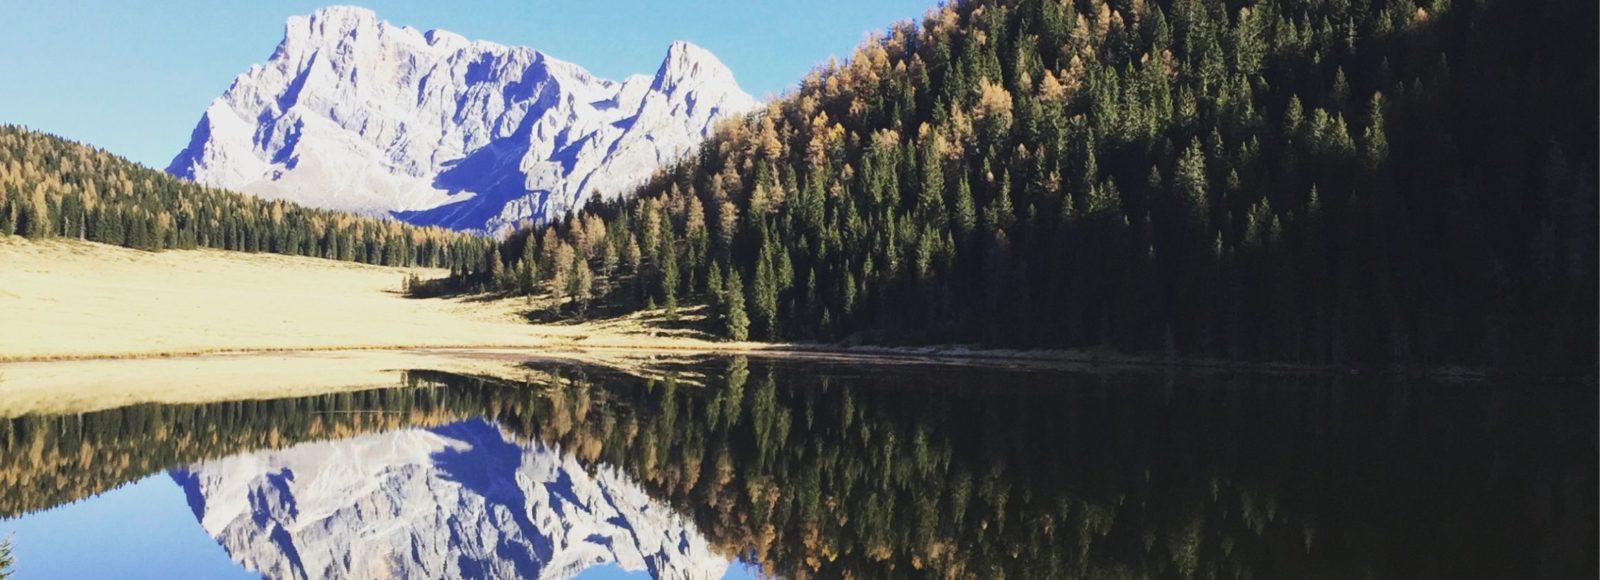 Lago di Calaita - Trentino